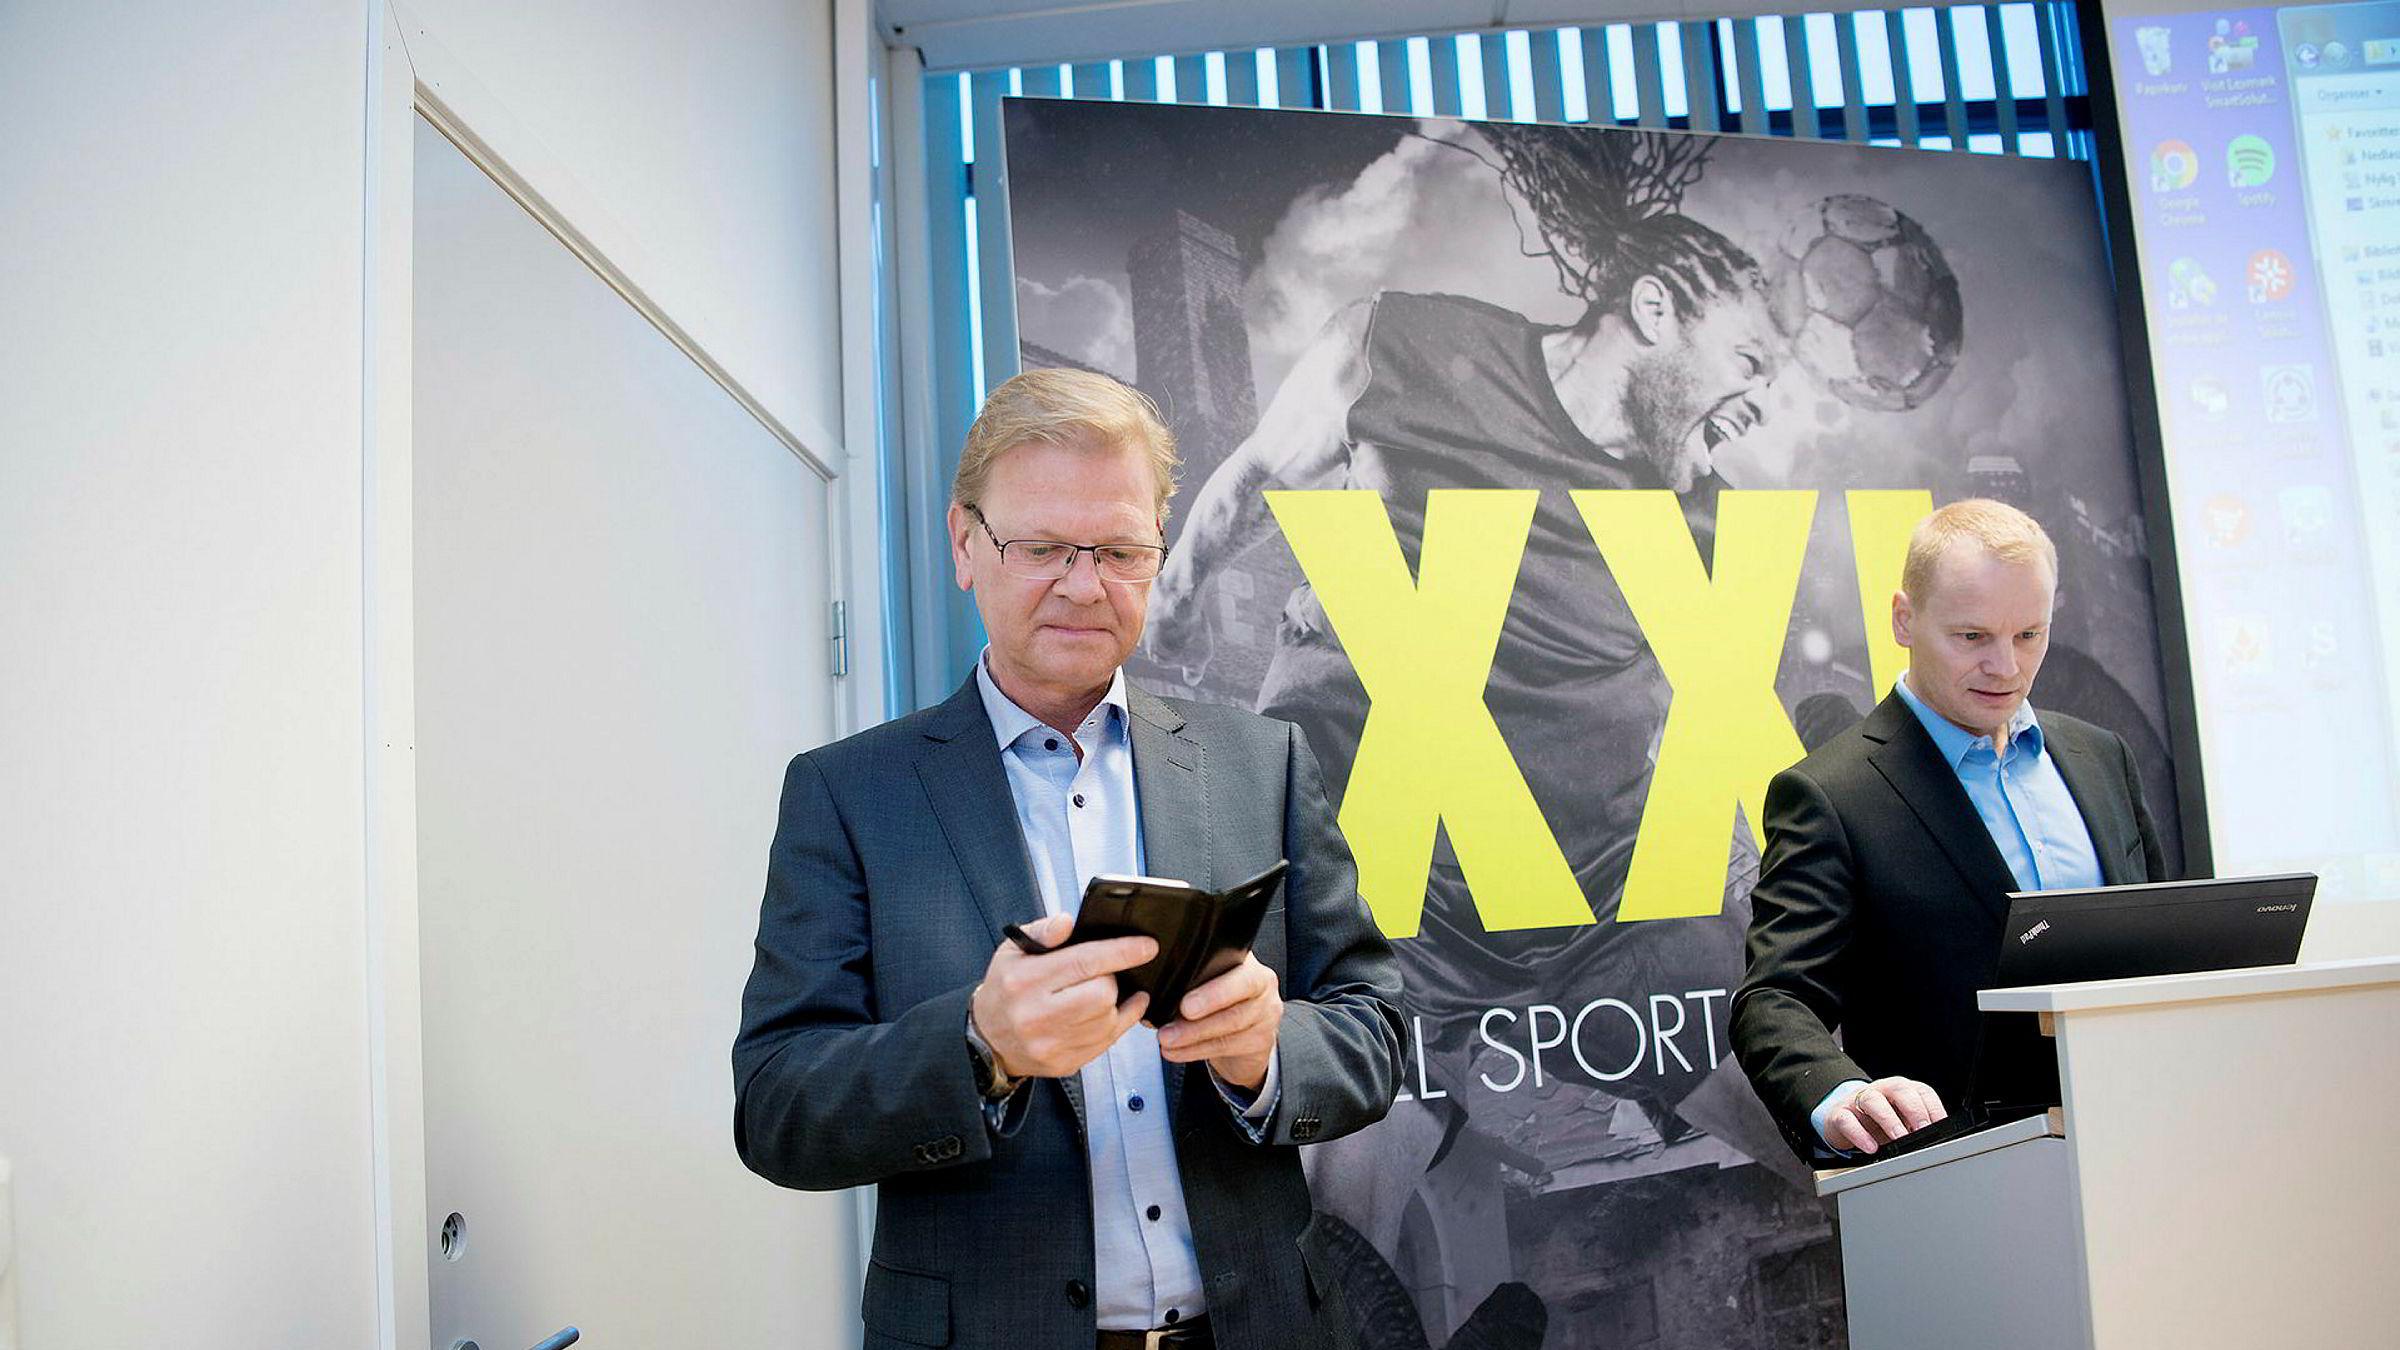 XXL-sjef Fredrik Steenbuch sier han har lite å tilby når misfornøyde shortspekulanter ringer. På to måneder har XXL-aksjen steget 25 prosent og gjort livet surt for investorer i shortposisjoner. Til høyre, finansdirektør Krister Pedersen.